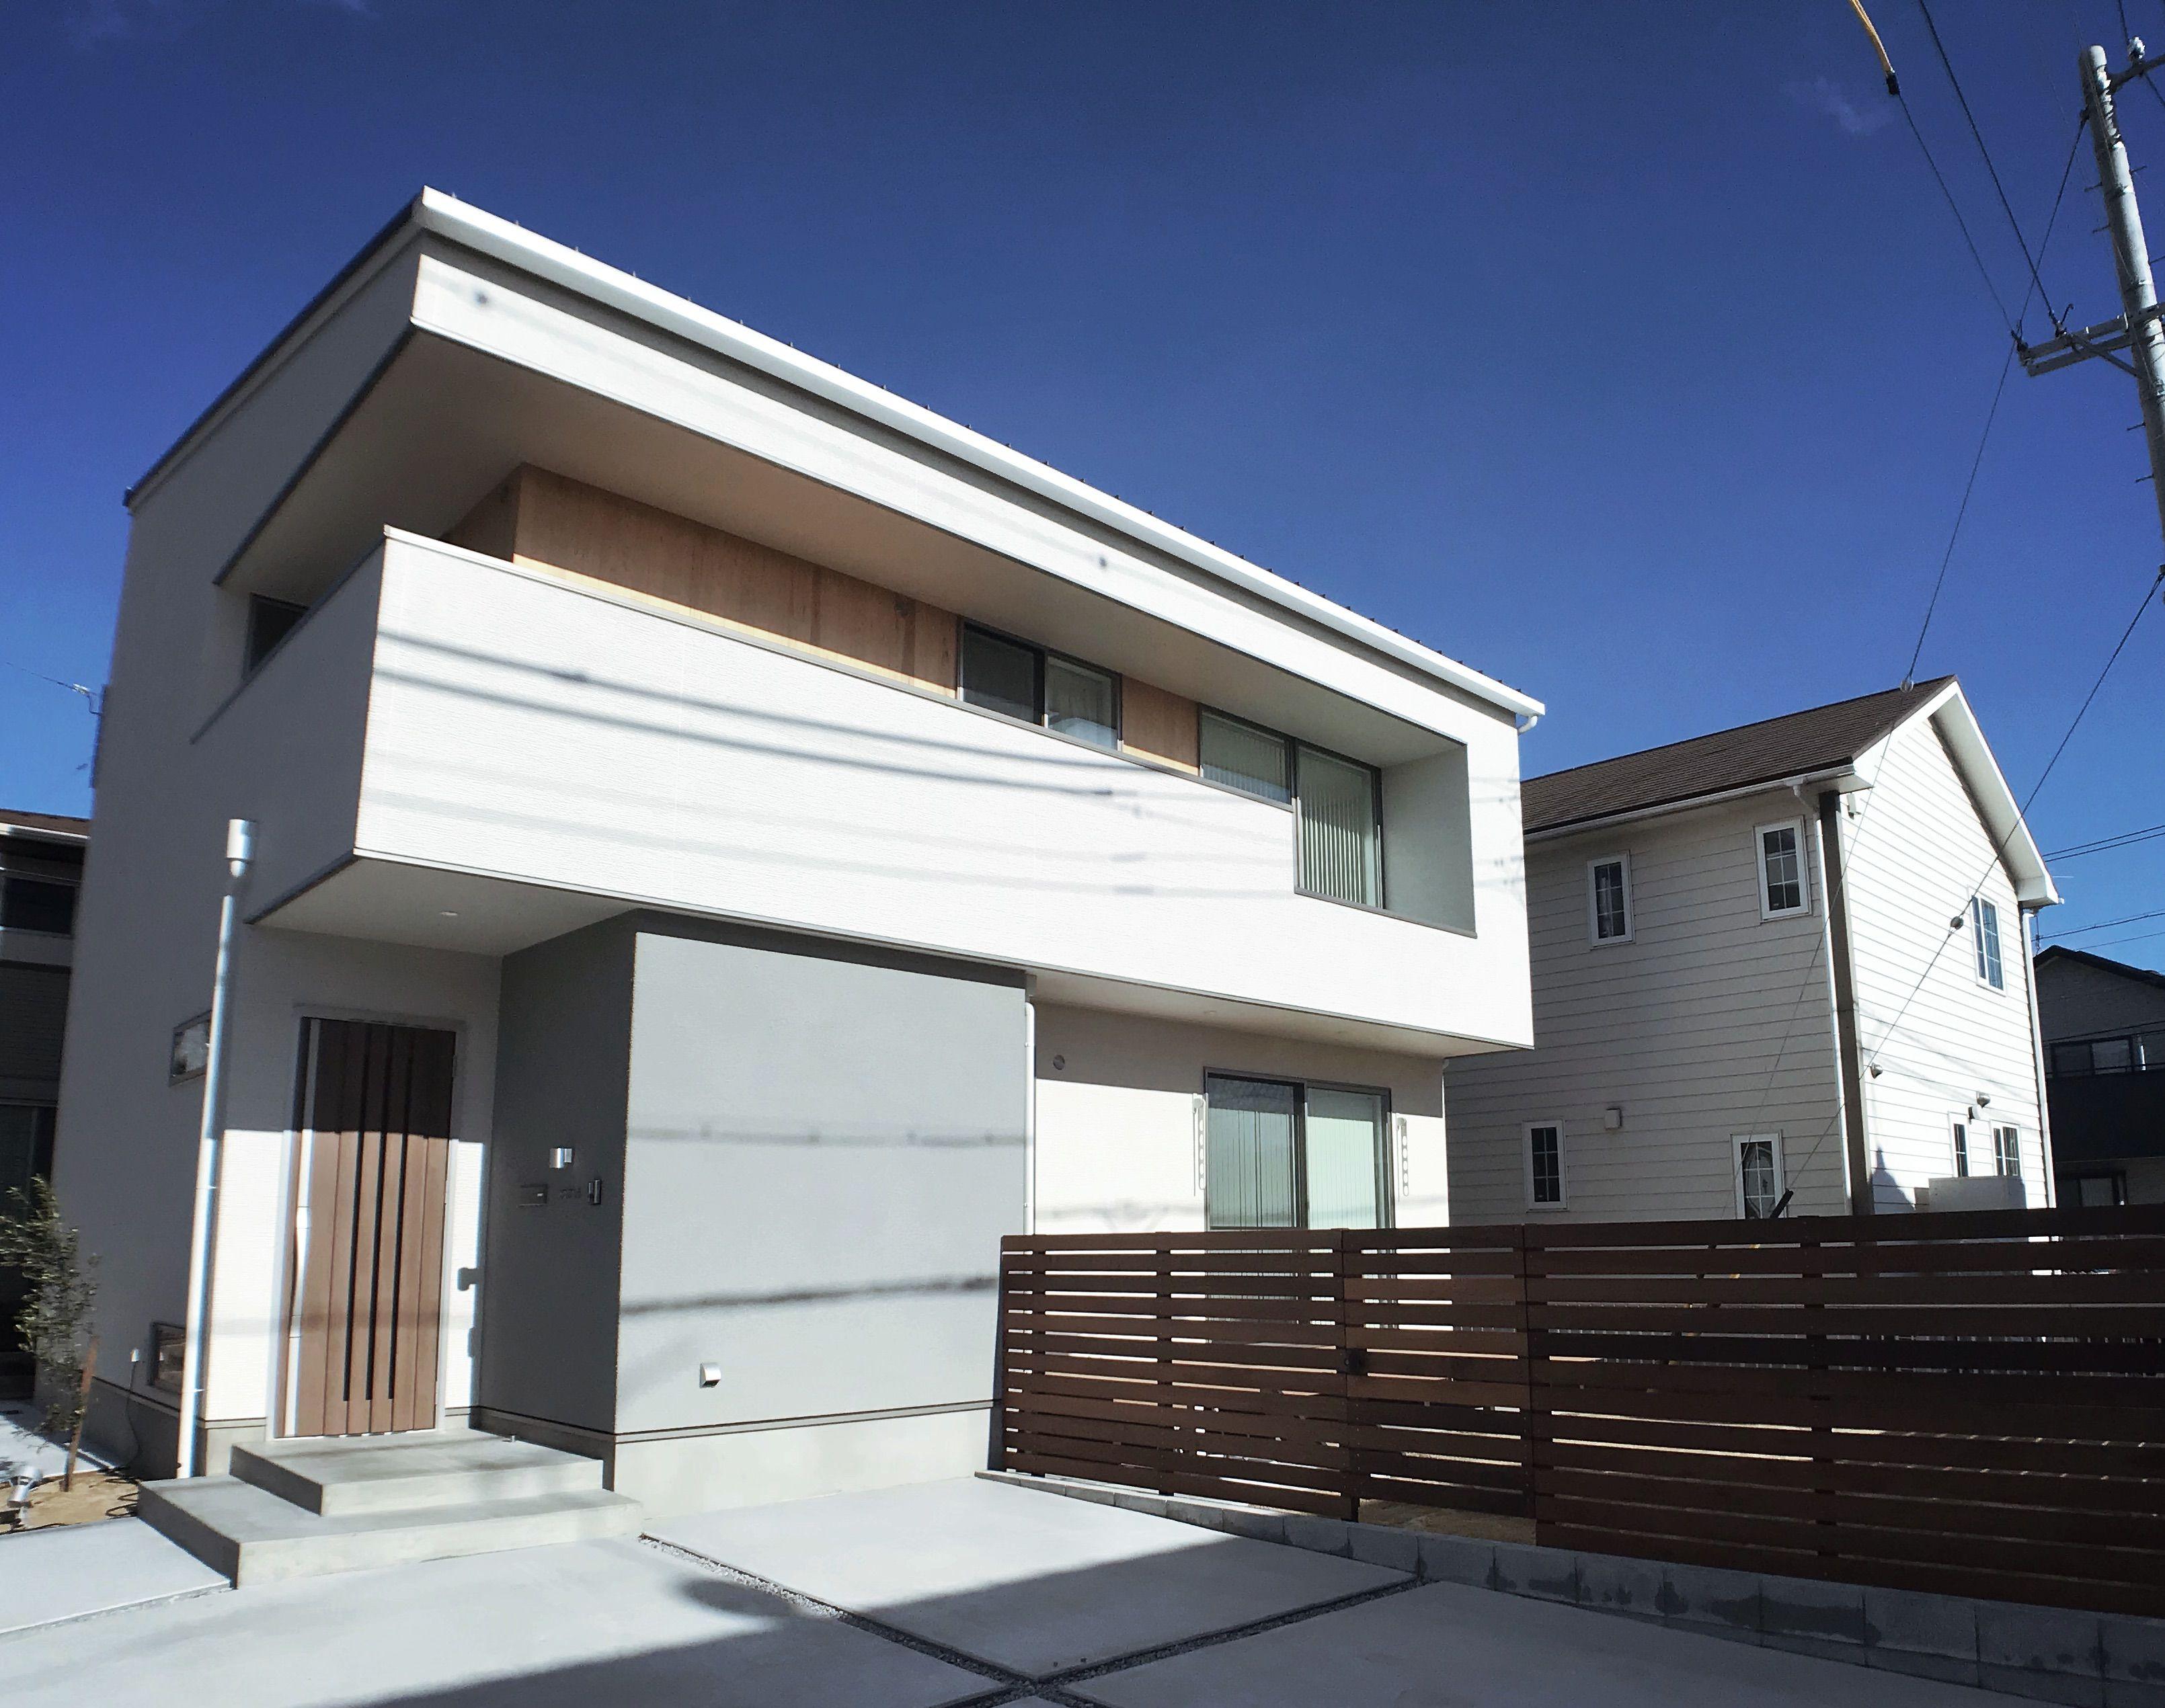 住宅 オシャレ 外観 家のデザイン日当たりの良い家 シンプルな家